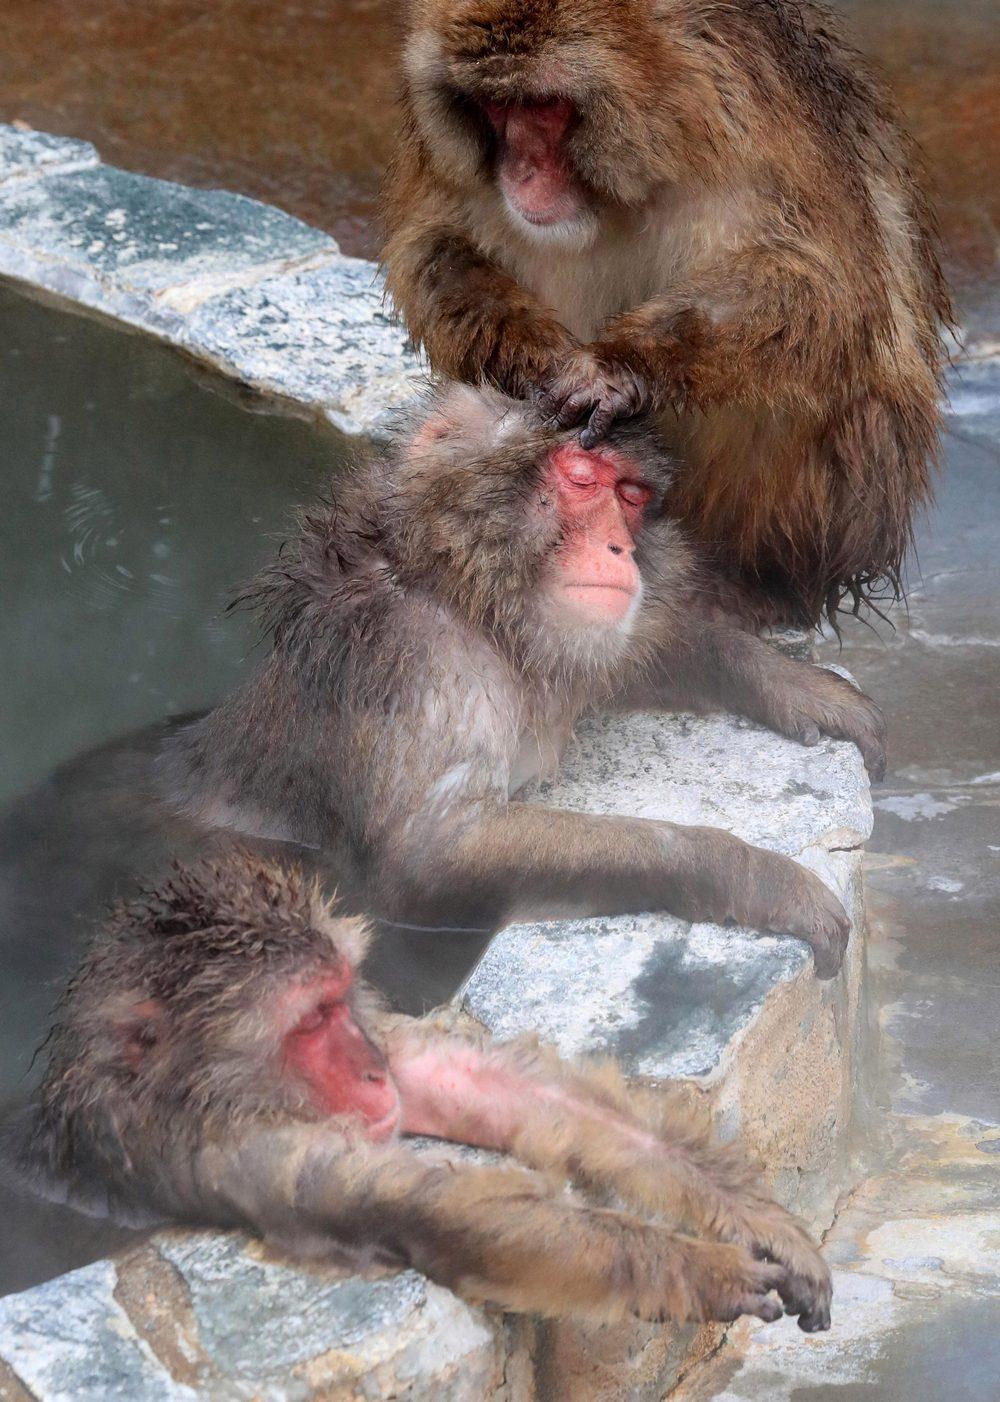 Японские макаки балдеют в горячих источниках